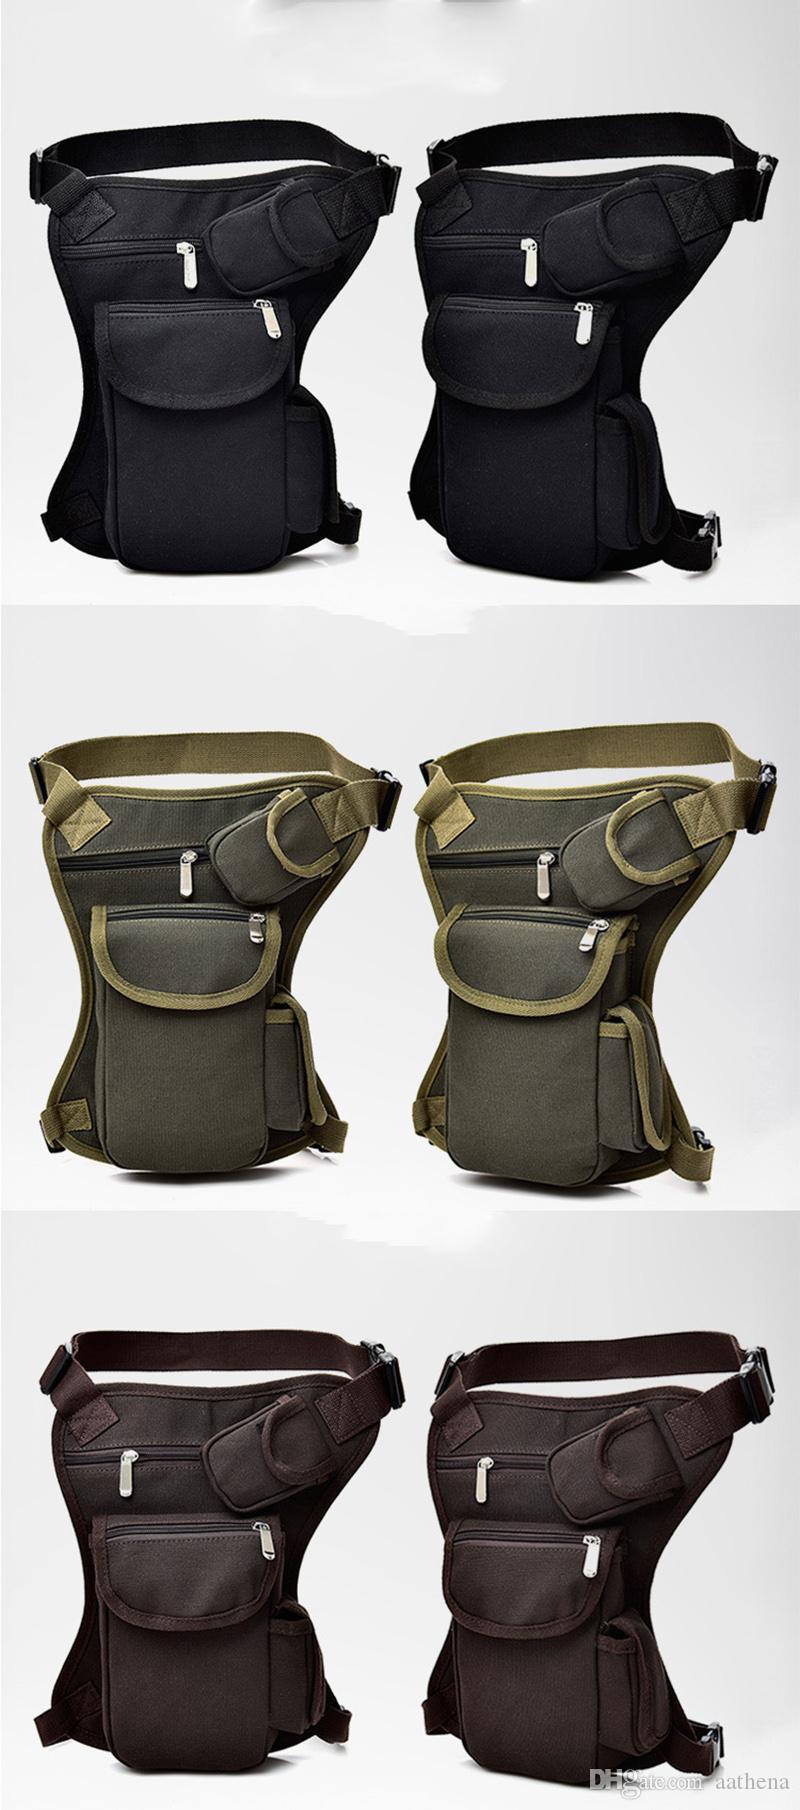 Cyclisme Toile Sac de taille extérieure tactique design multi-fonction fannypack Sac jambes Loisirs Sports Pêche Sac vitesse